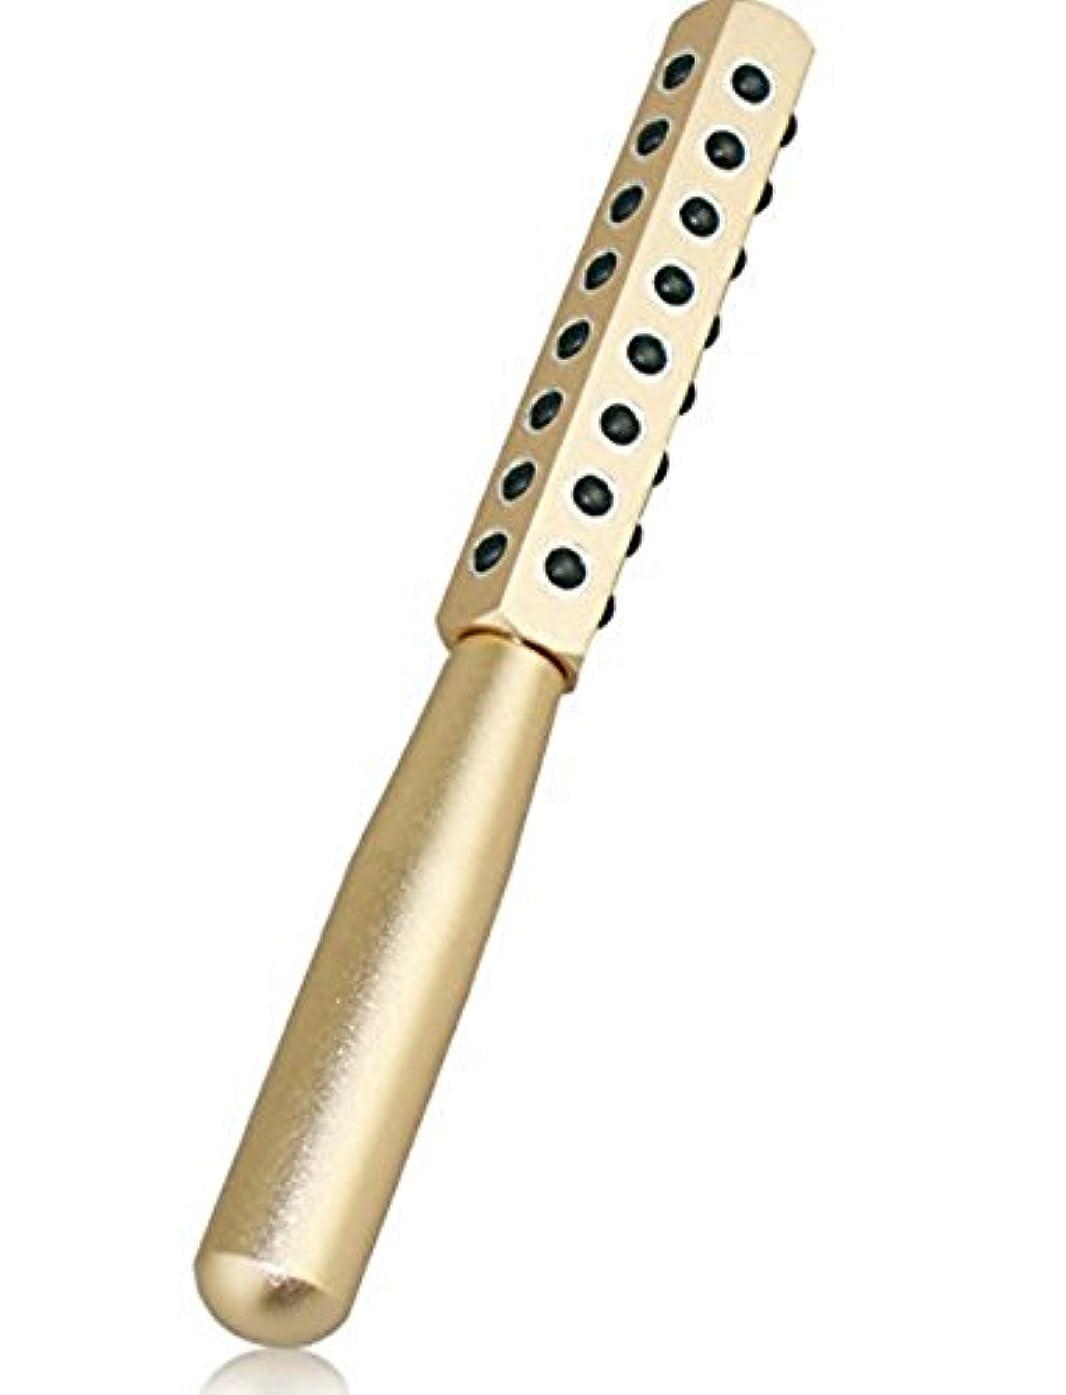 ファンネルウェブスパイダー無効タバコCREPUSCOLO ゲルマローラー 美顔器 美肌 ハリ ツヤ ほうれい線 純度99% ゲルマニウム粒子40粒/額 ほほ 目じり あご~首すじ デコルテ 二の腕 手の甲 気になるところをコロコロ ゴールド シルバー (ゴールド)